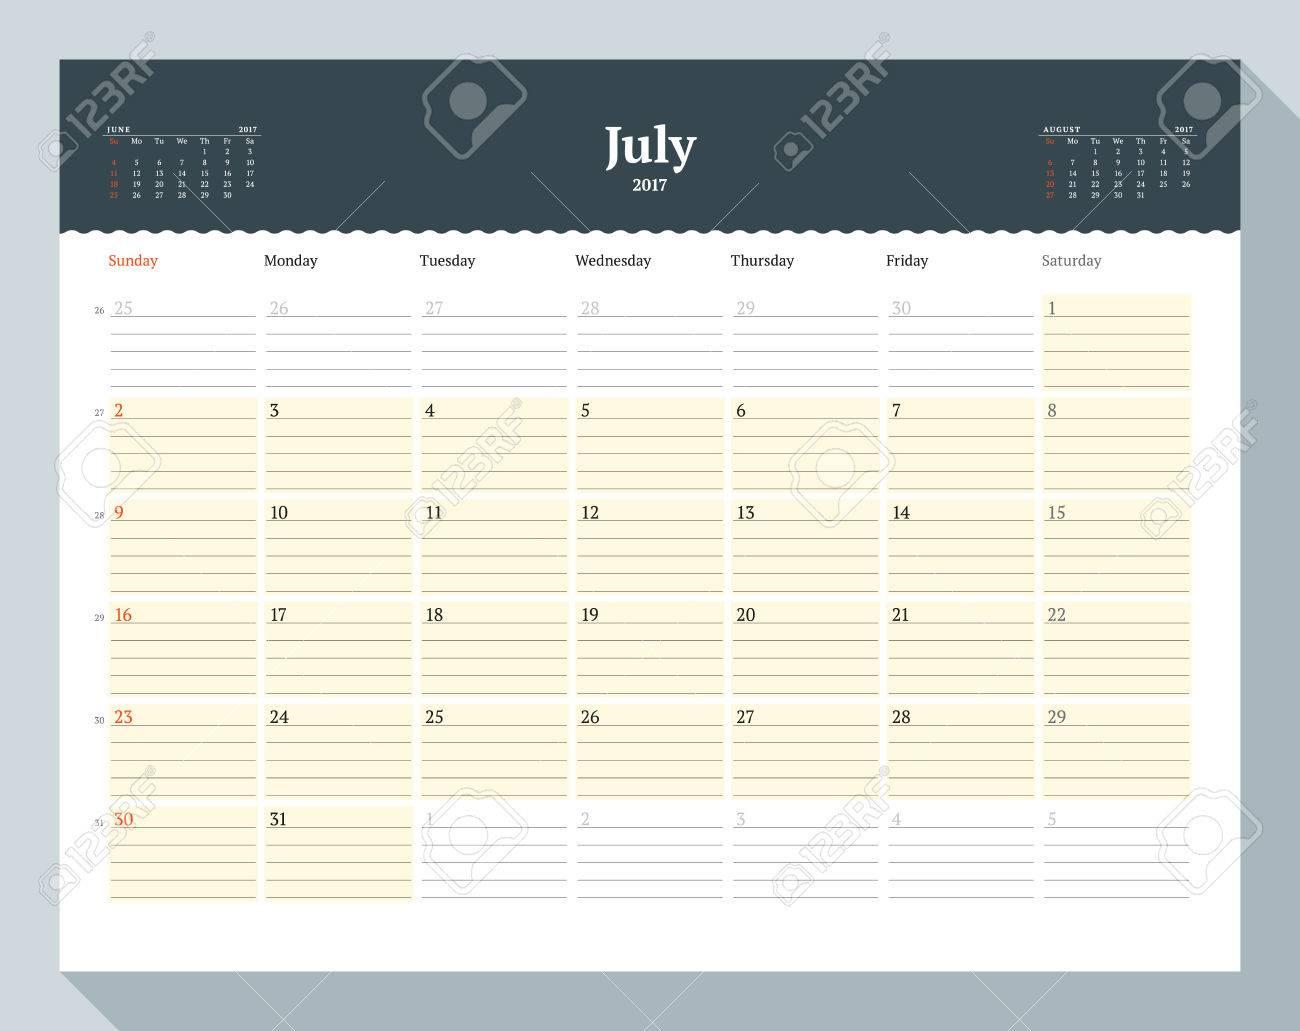 Kalendervorlage Für 2017 Jahr. Juli. Business Planner Vorlage ...